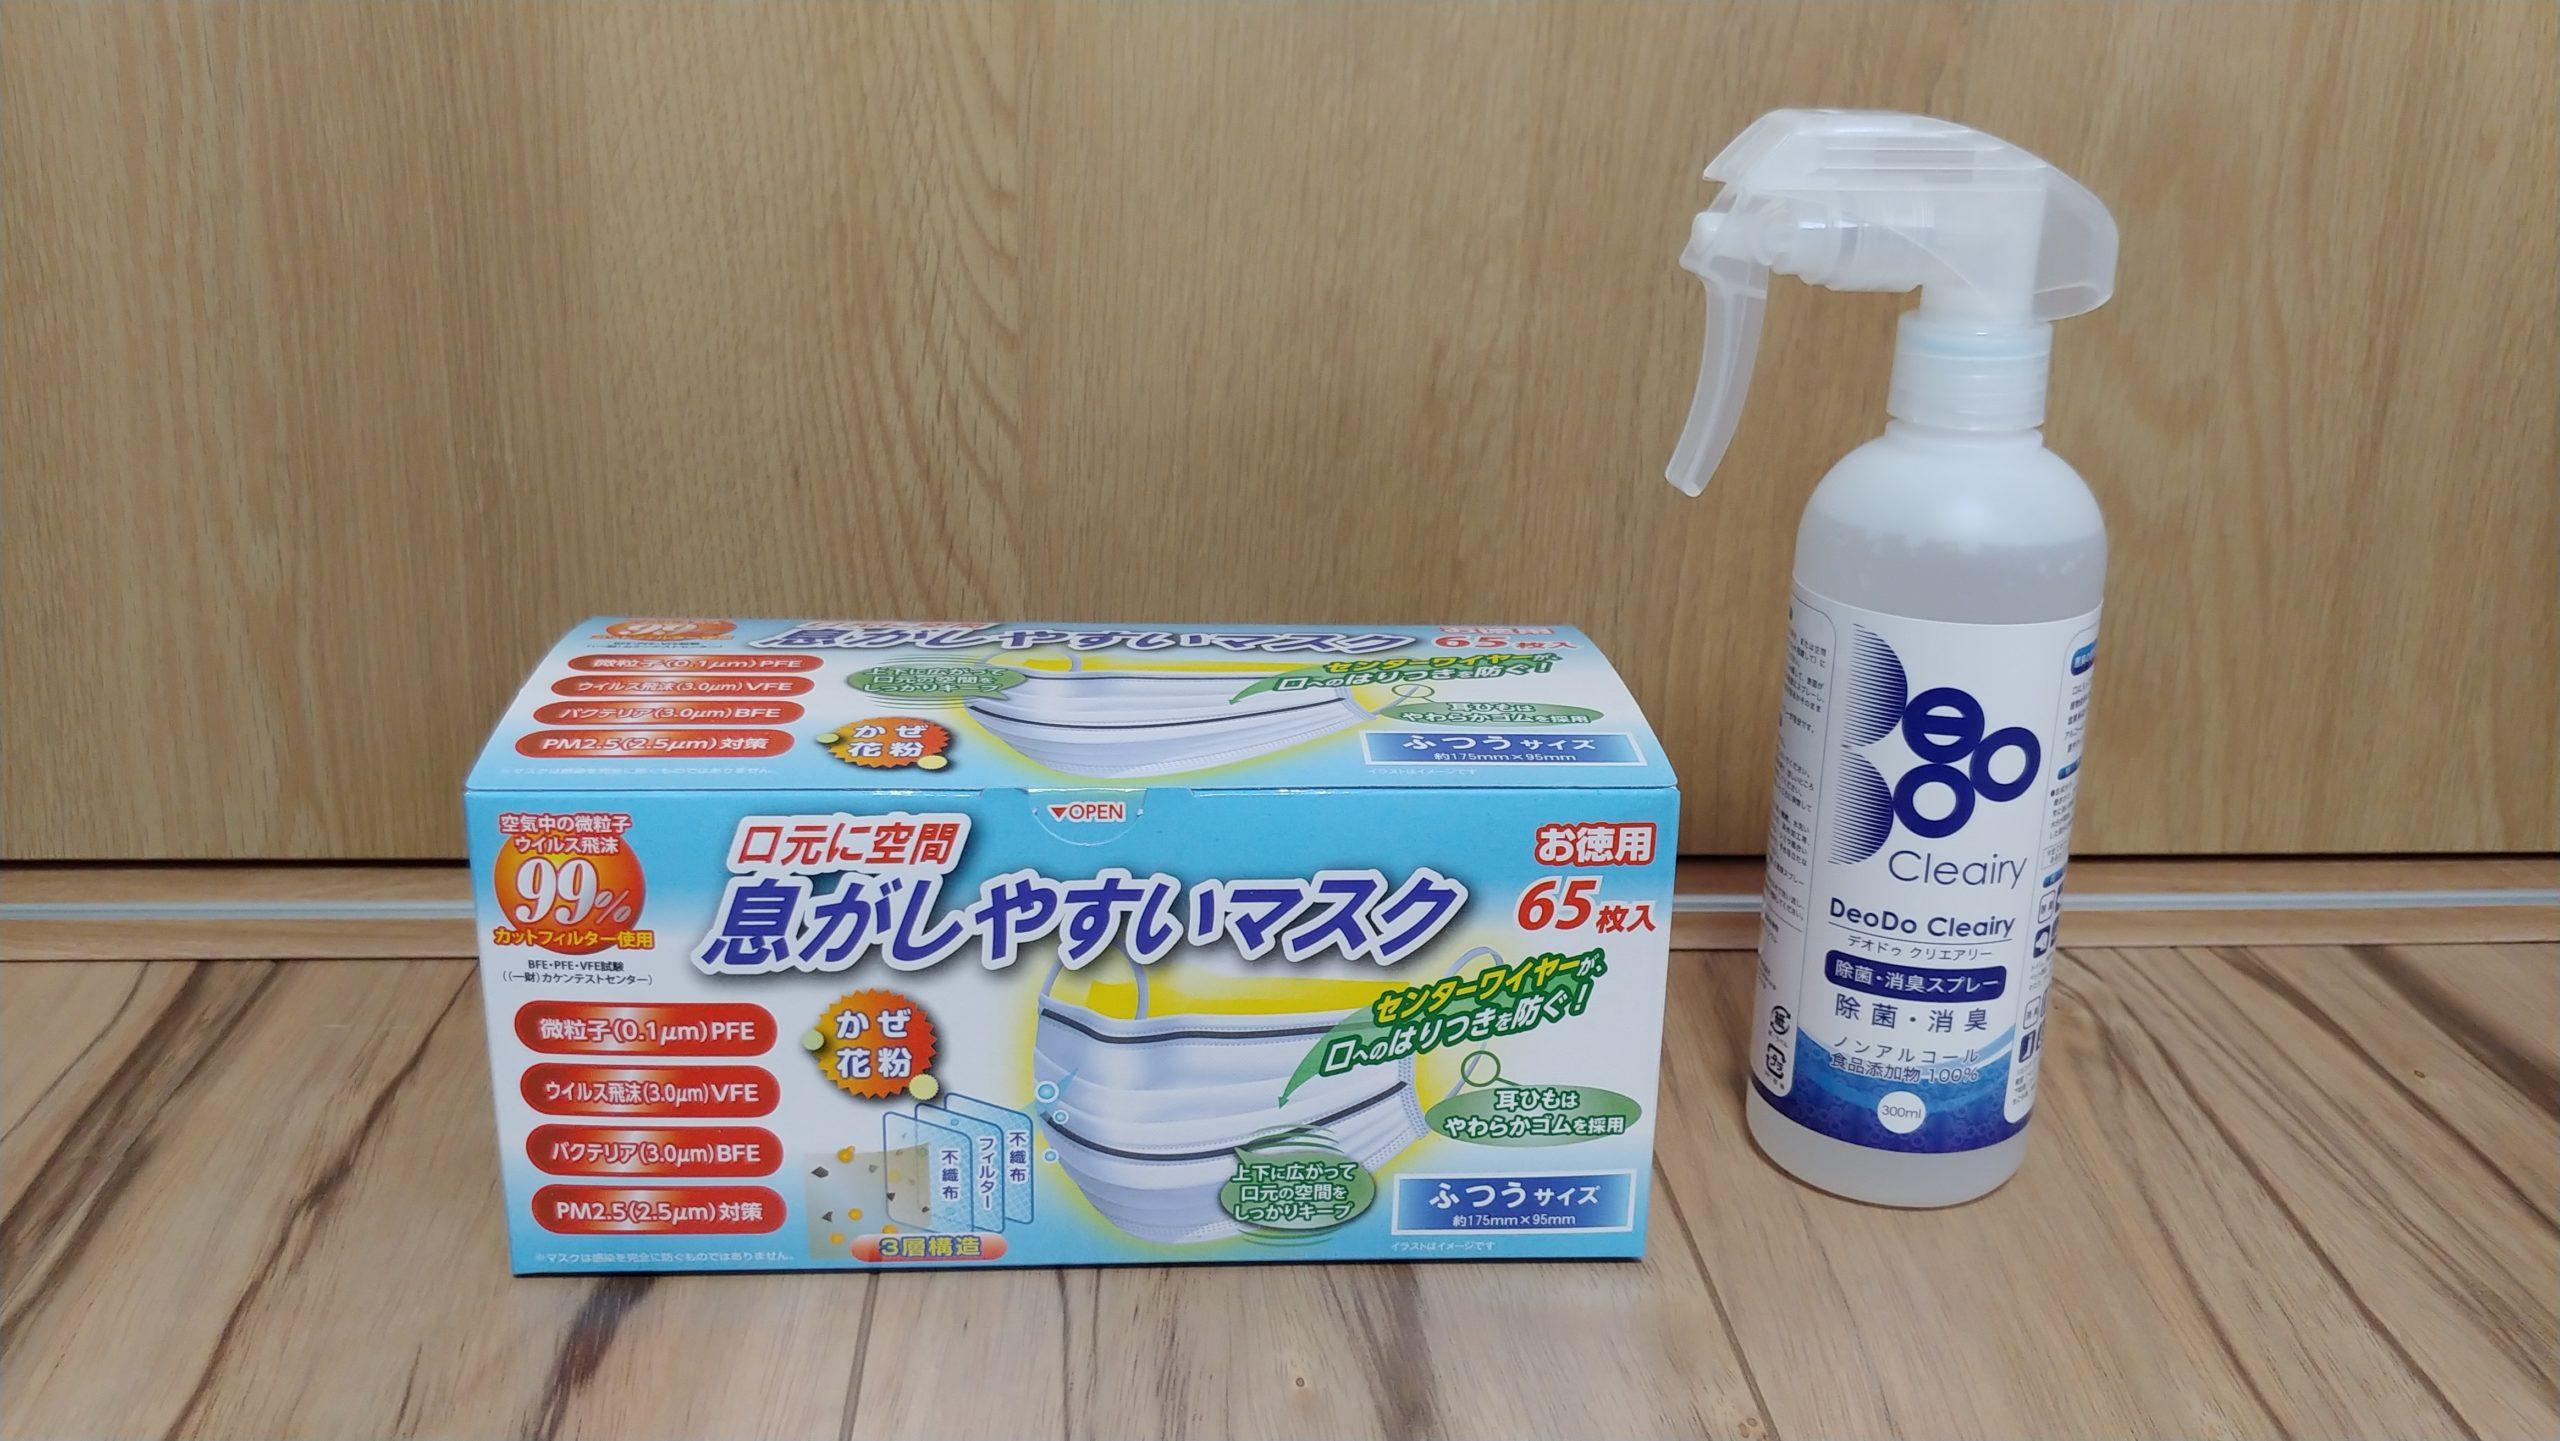 マスク 除 菌 方法